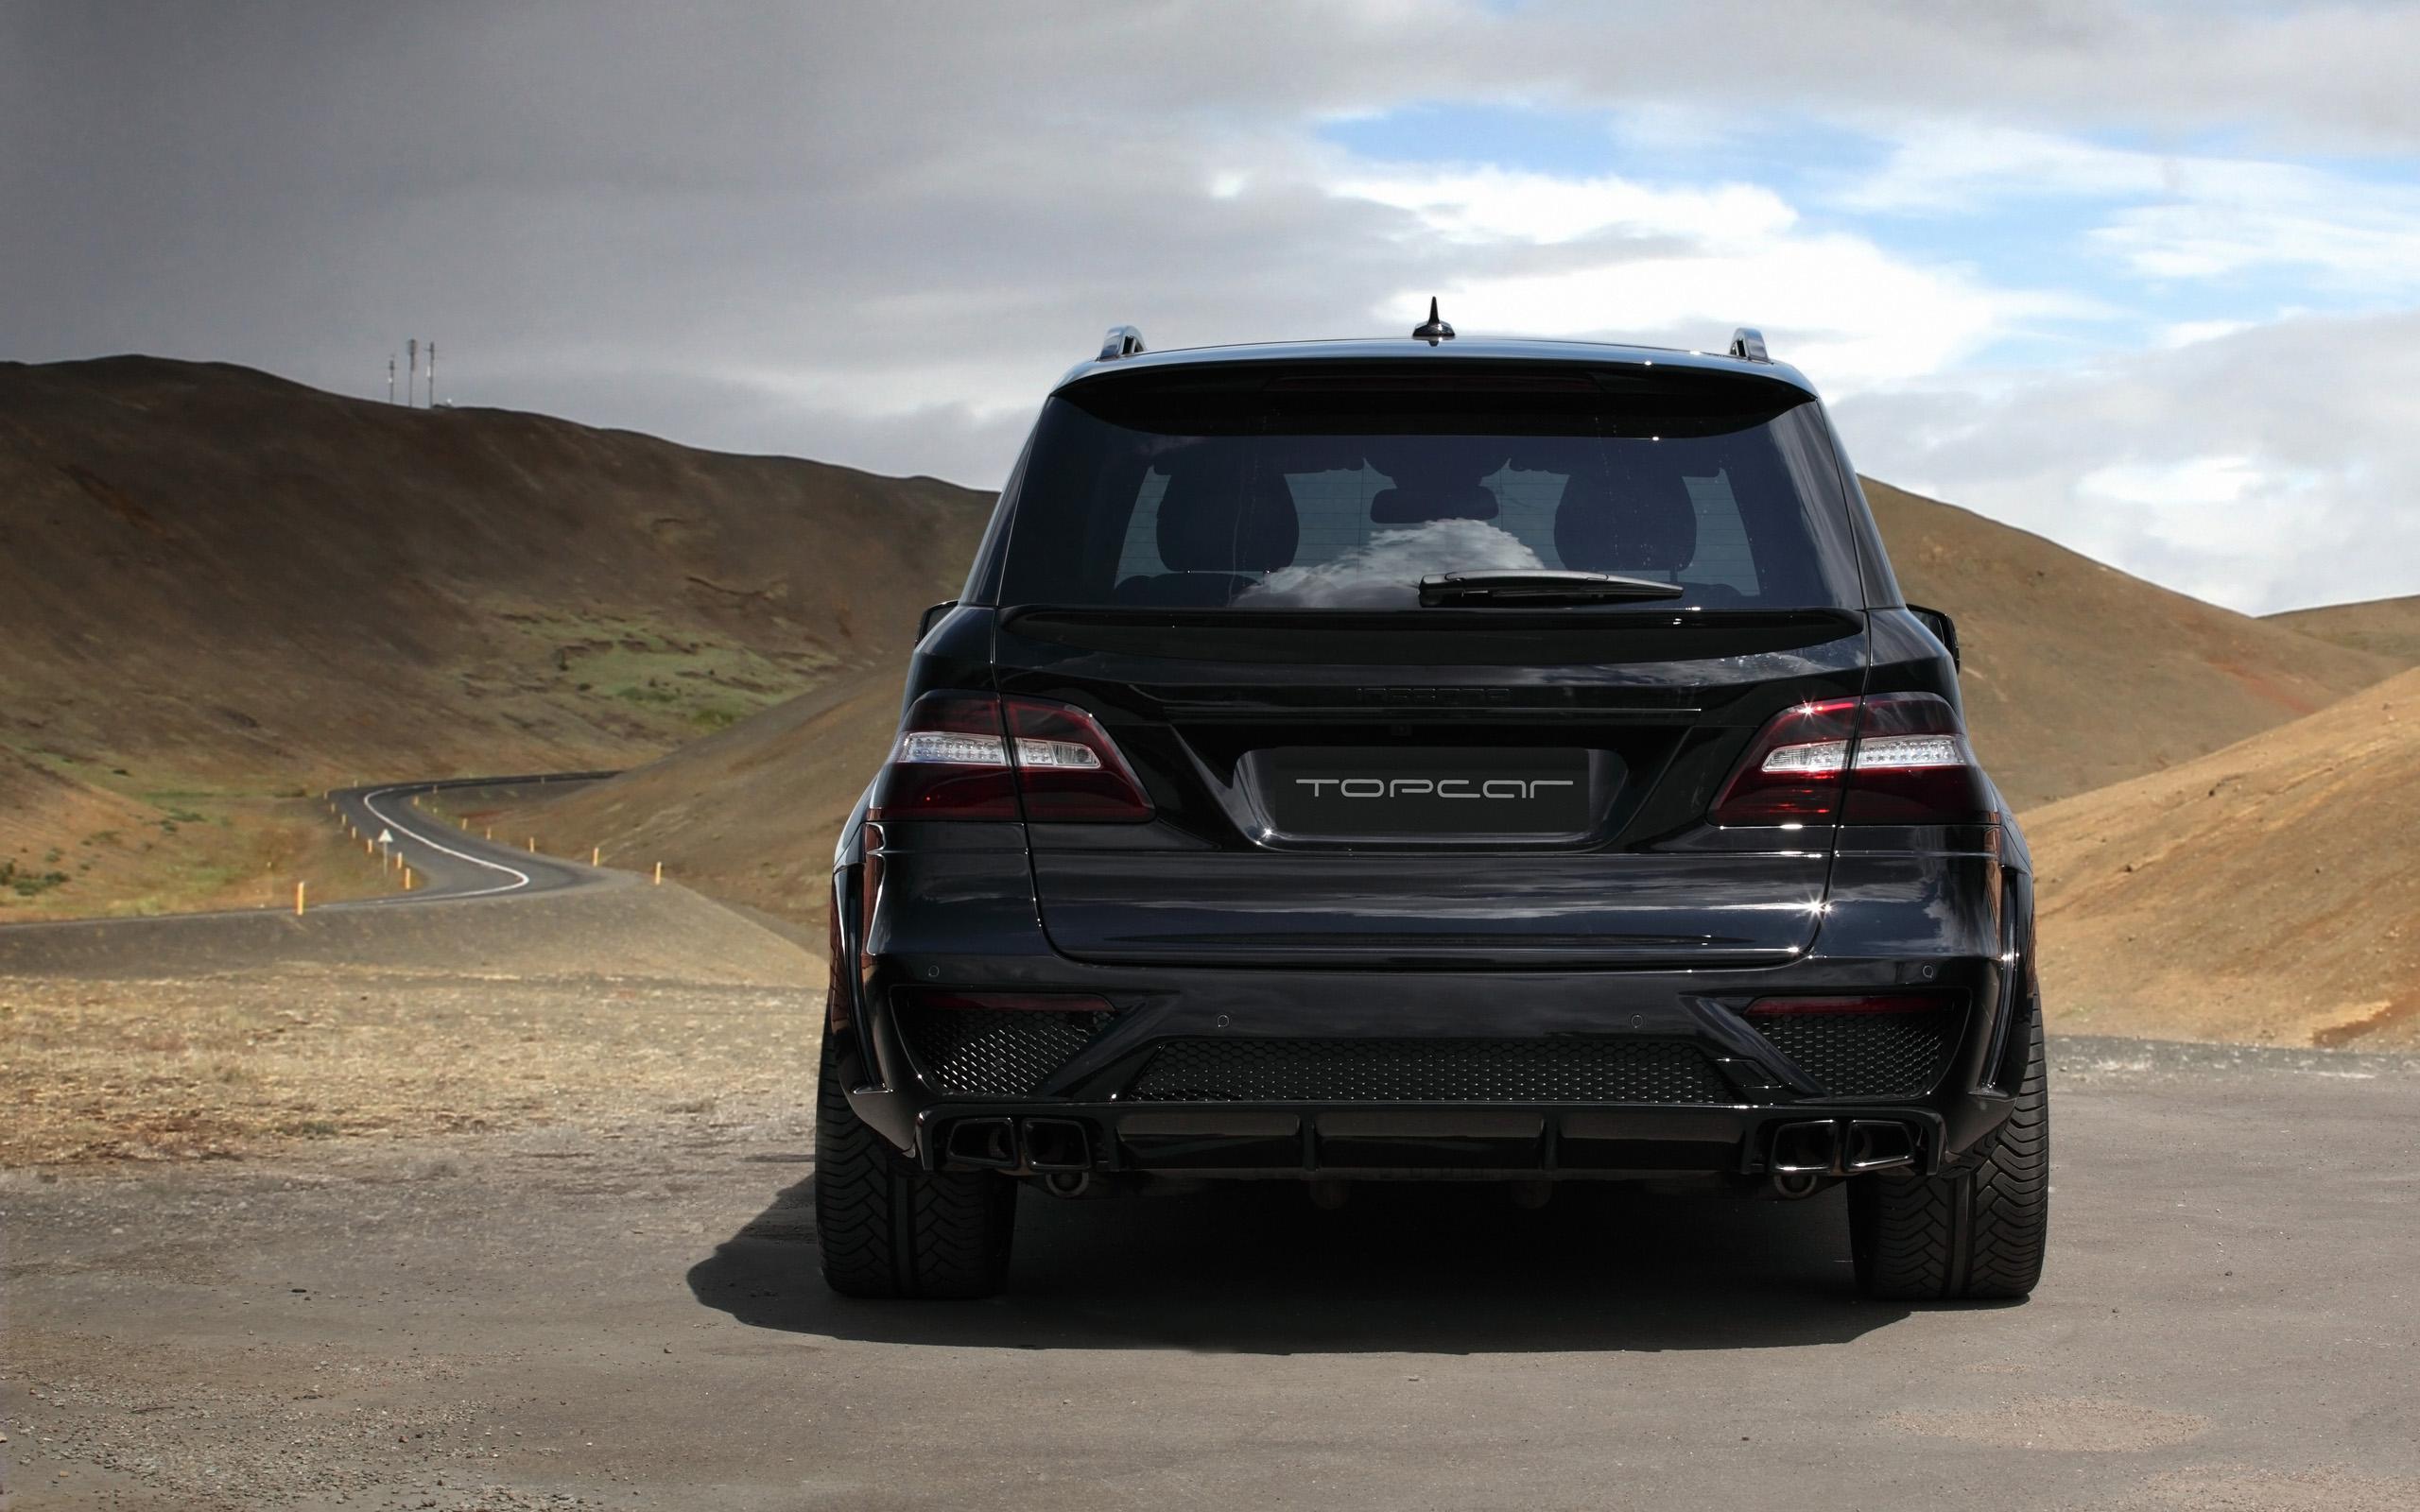 2013 Topcar Mercedes Benz Ml 63 Amg Inferno Suv Tuning Fs